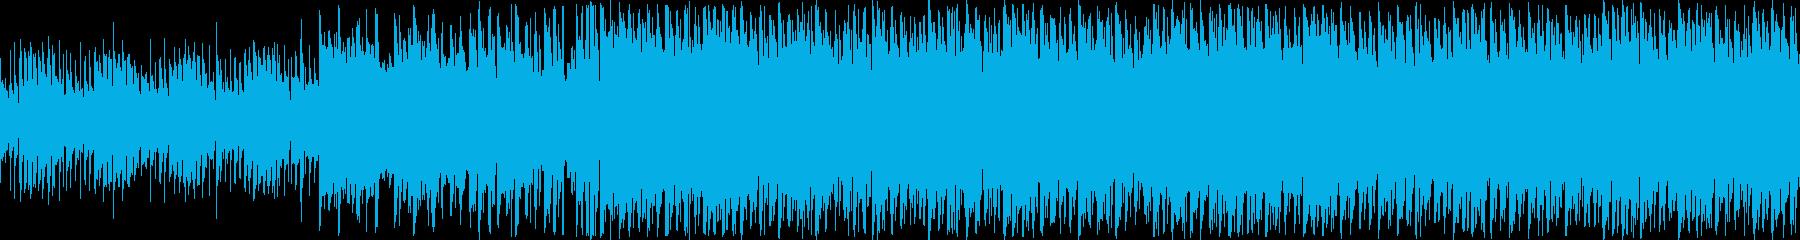 妖艶と力強さが共存するダンスビート(S)の再生済みの波形